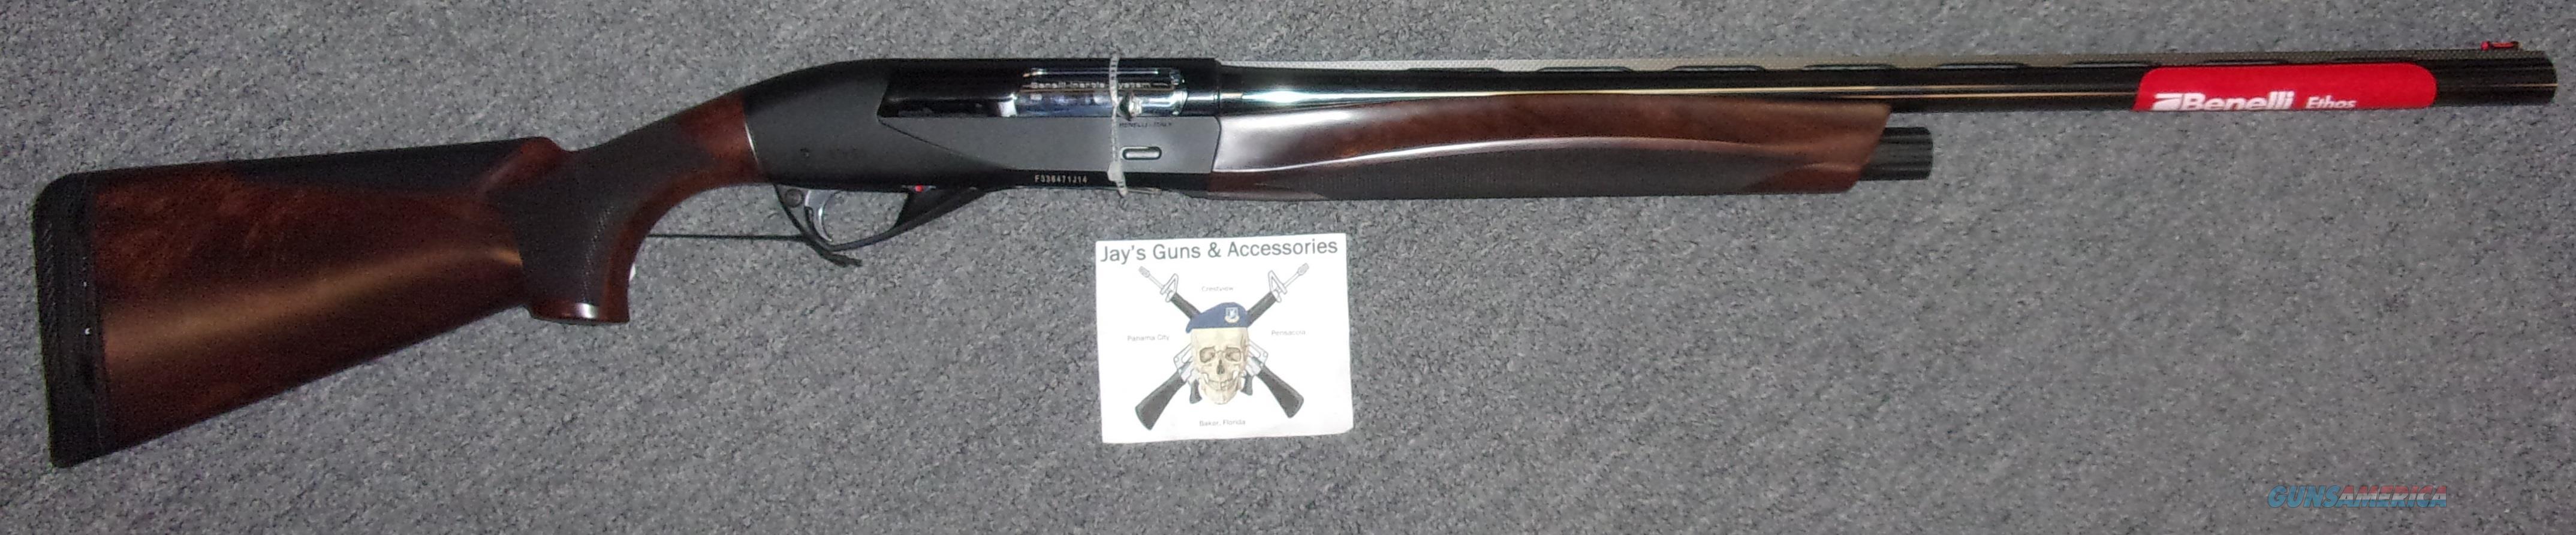 Benelli Ethos (10451)  Guns > Shotguns > Benelli Shotguns > Sporting